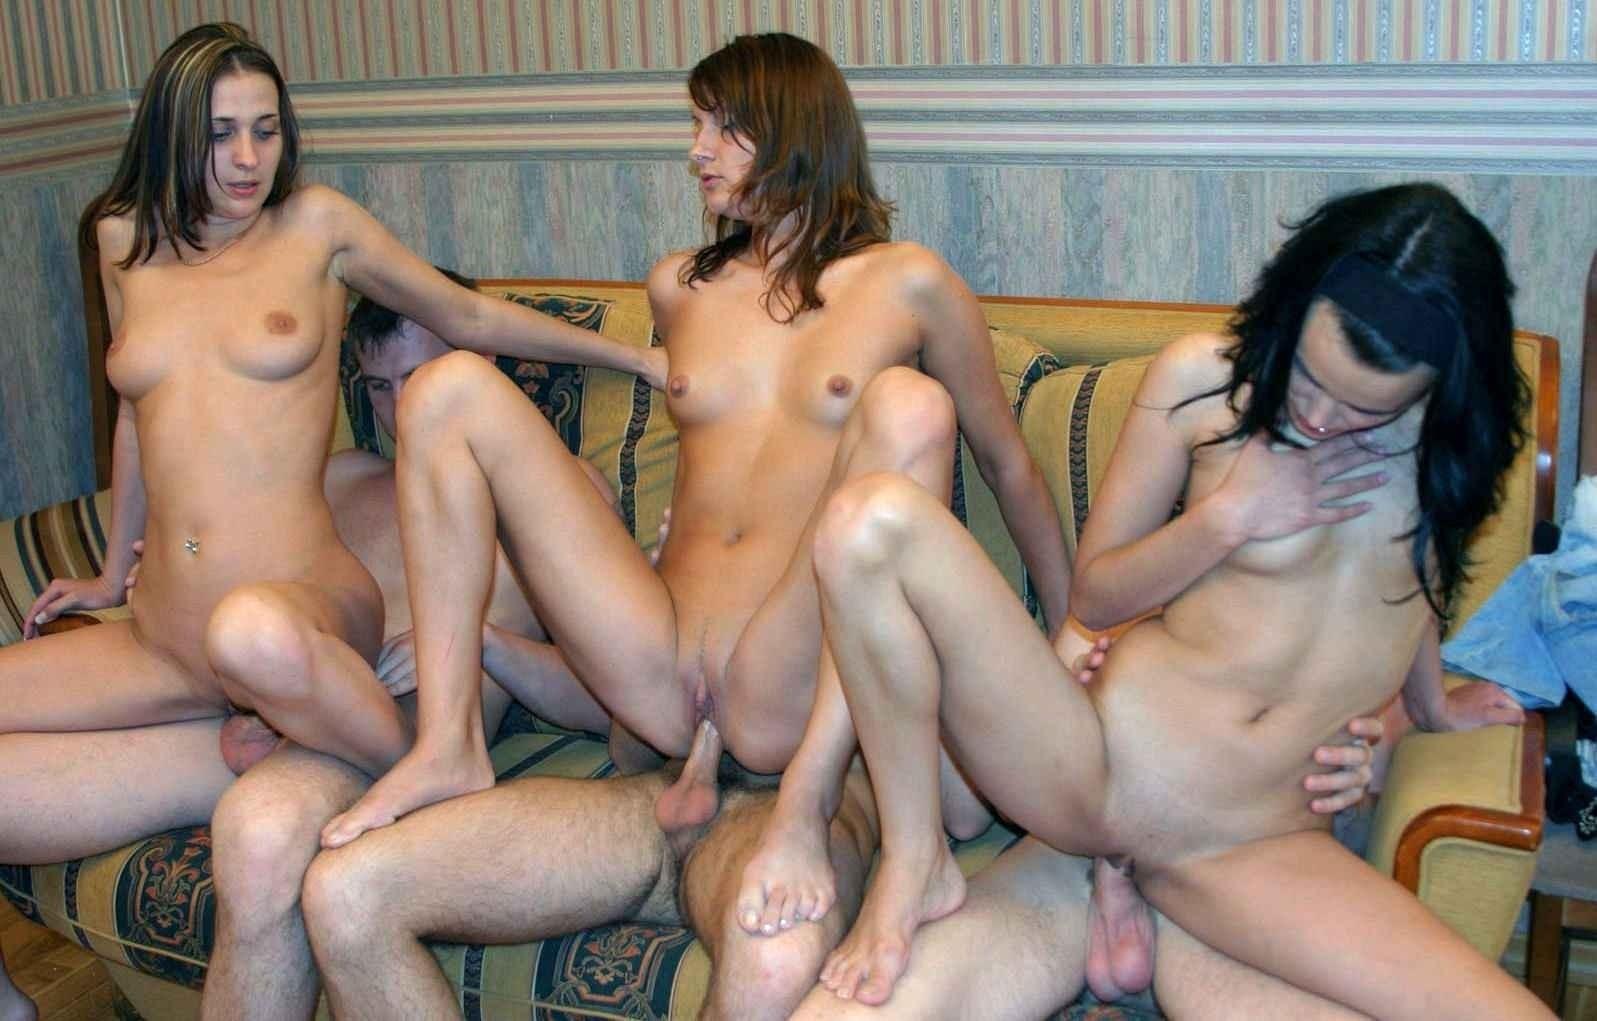 Nude Female Orgy